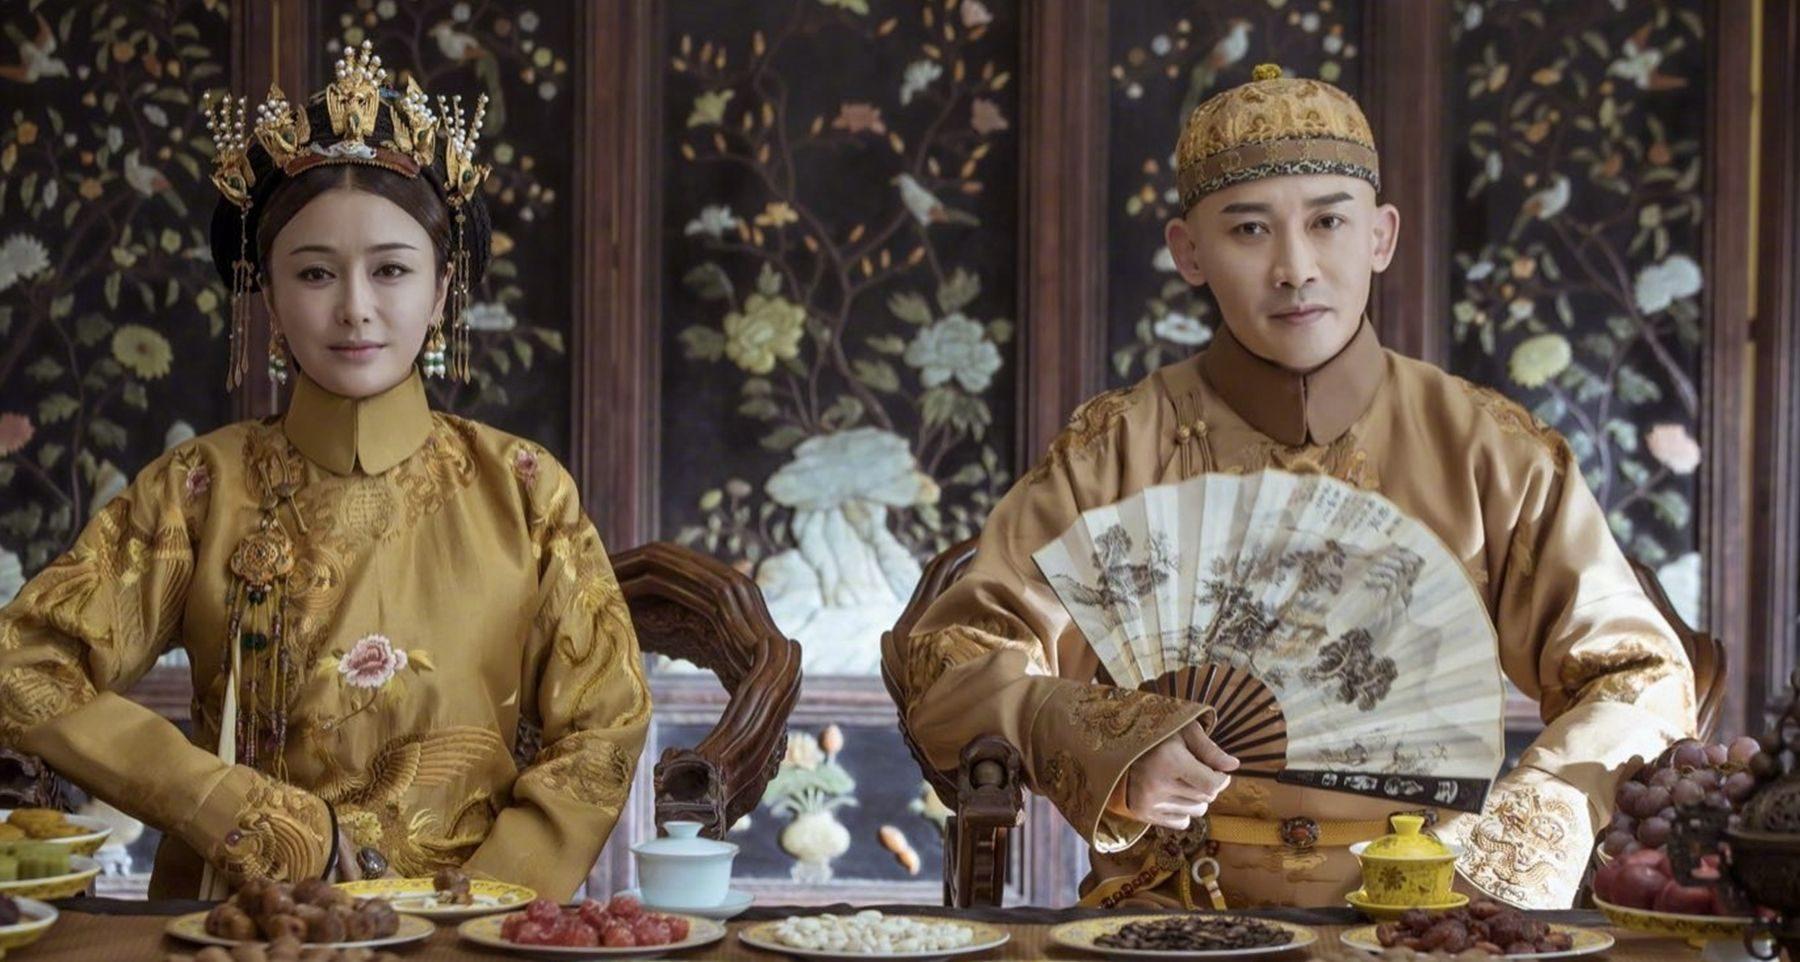 古代后宫嫔妃的收入有多少?看完都有点不敢相信